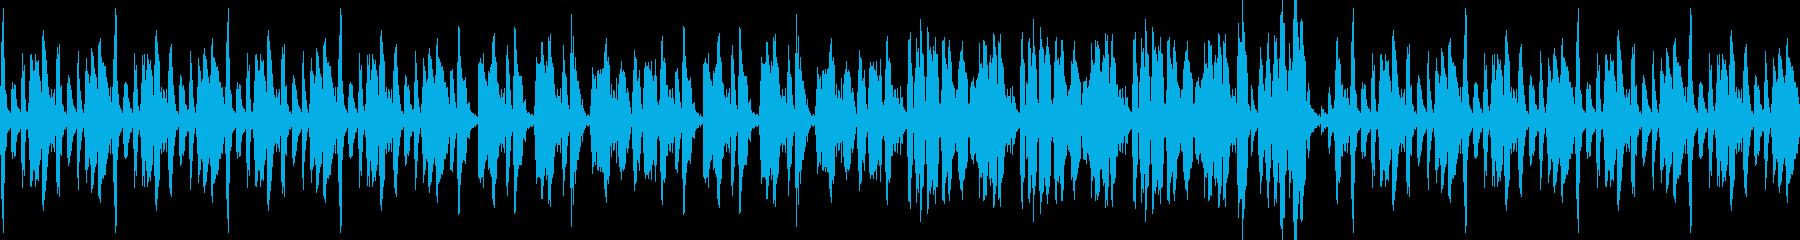 居酒屋で聴きたくなるような曲の再生済みの波形